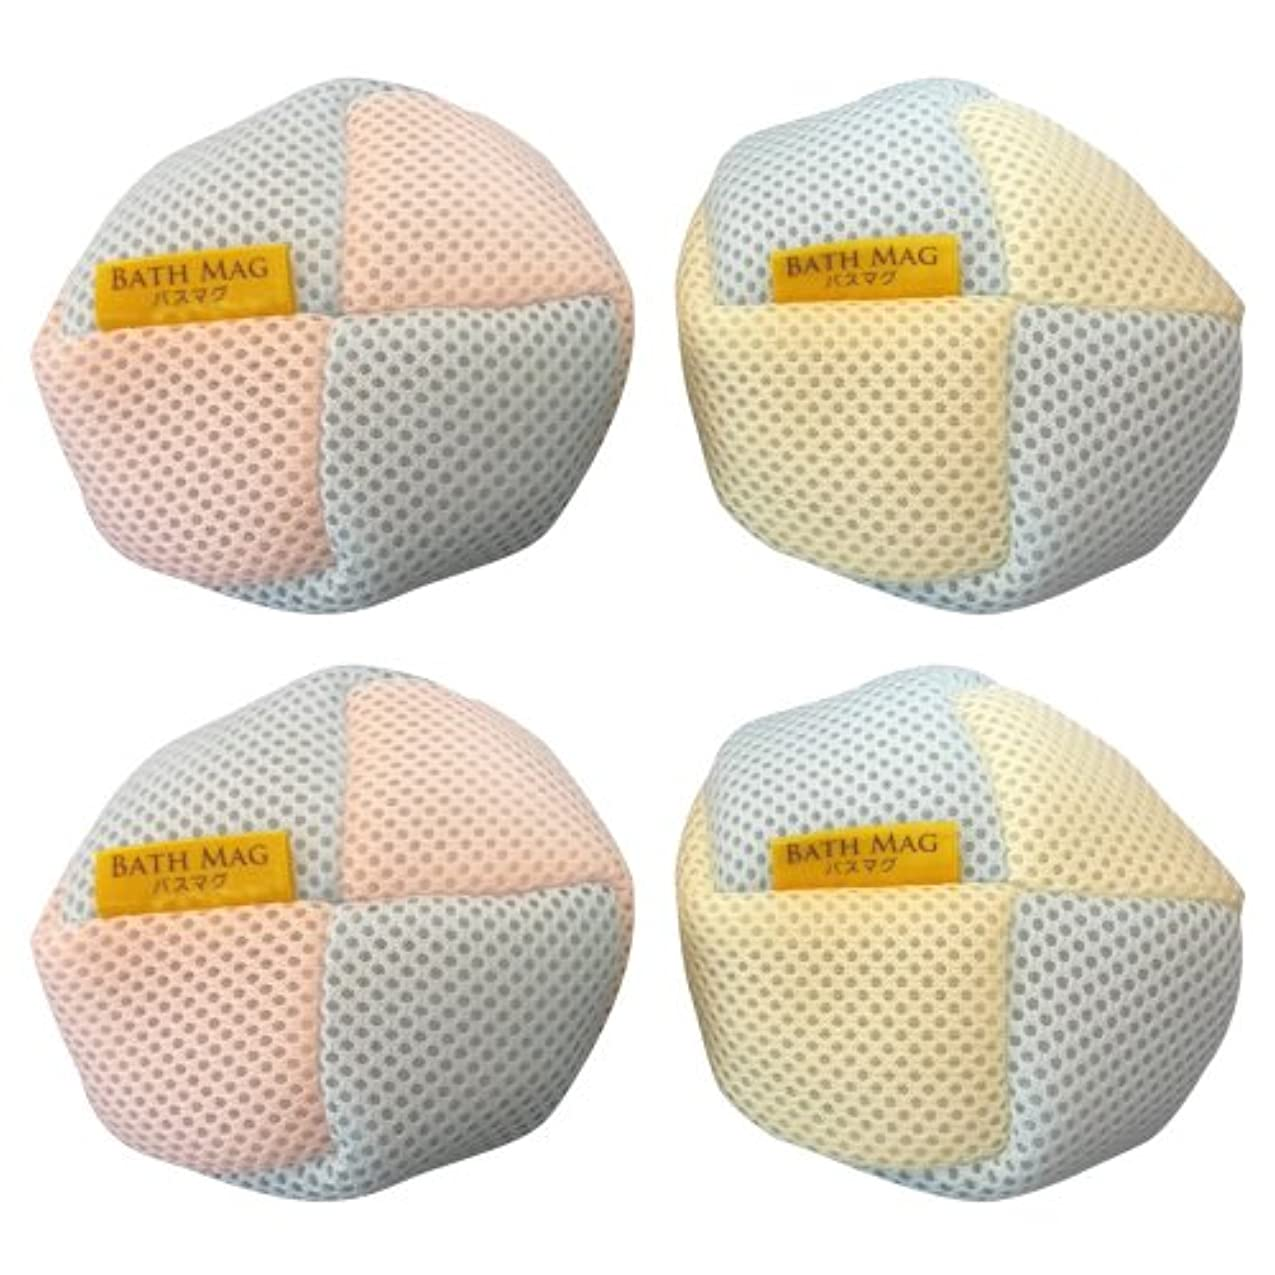 次へ受益者統治可能BATH MAG マグネシウムde水素浴(バスマグ)2個入り×2箱セット(計4個)